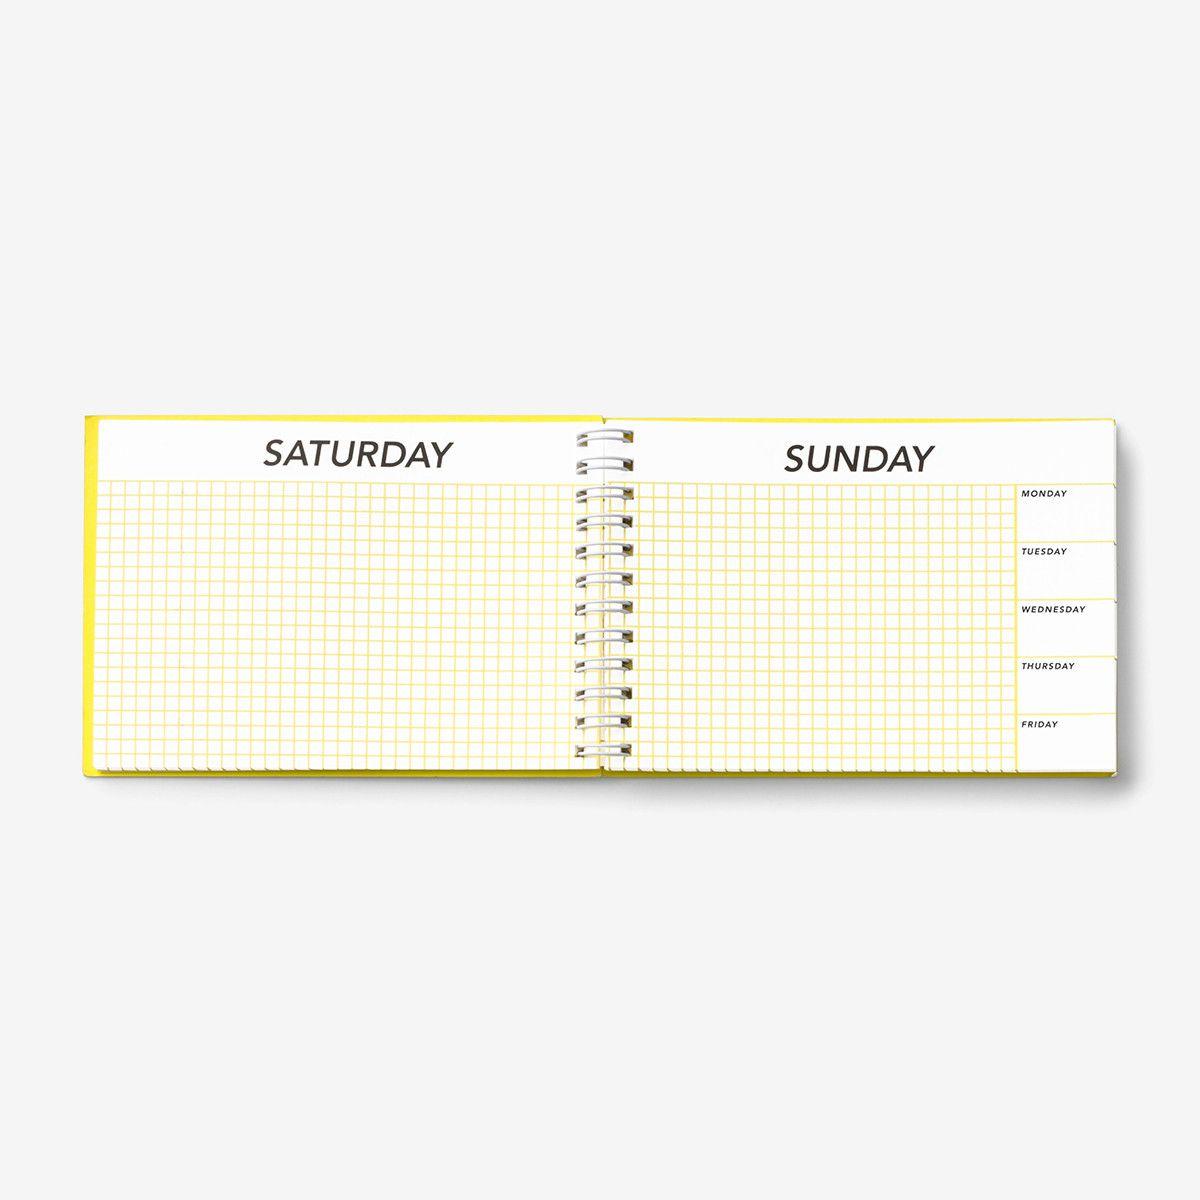 Kate Spade Saturday | Weekend-Only Calendar | Kate Spade